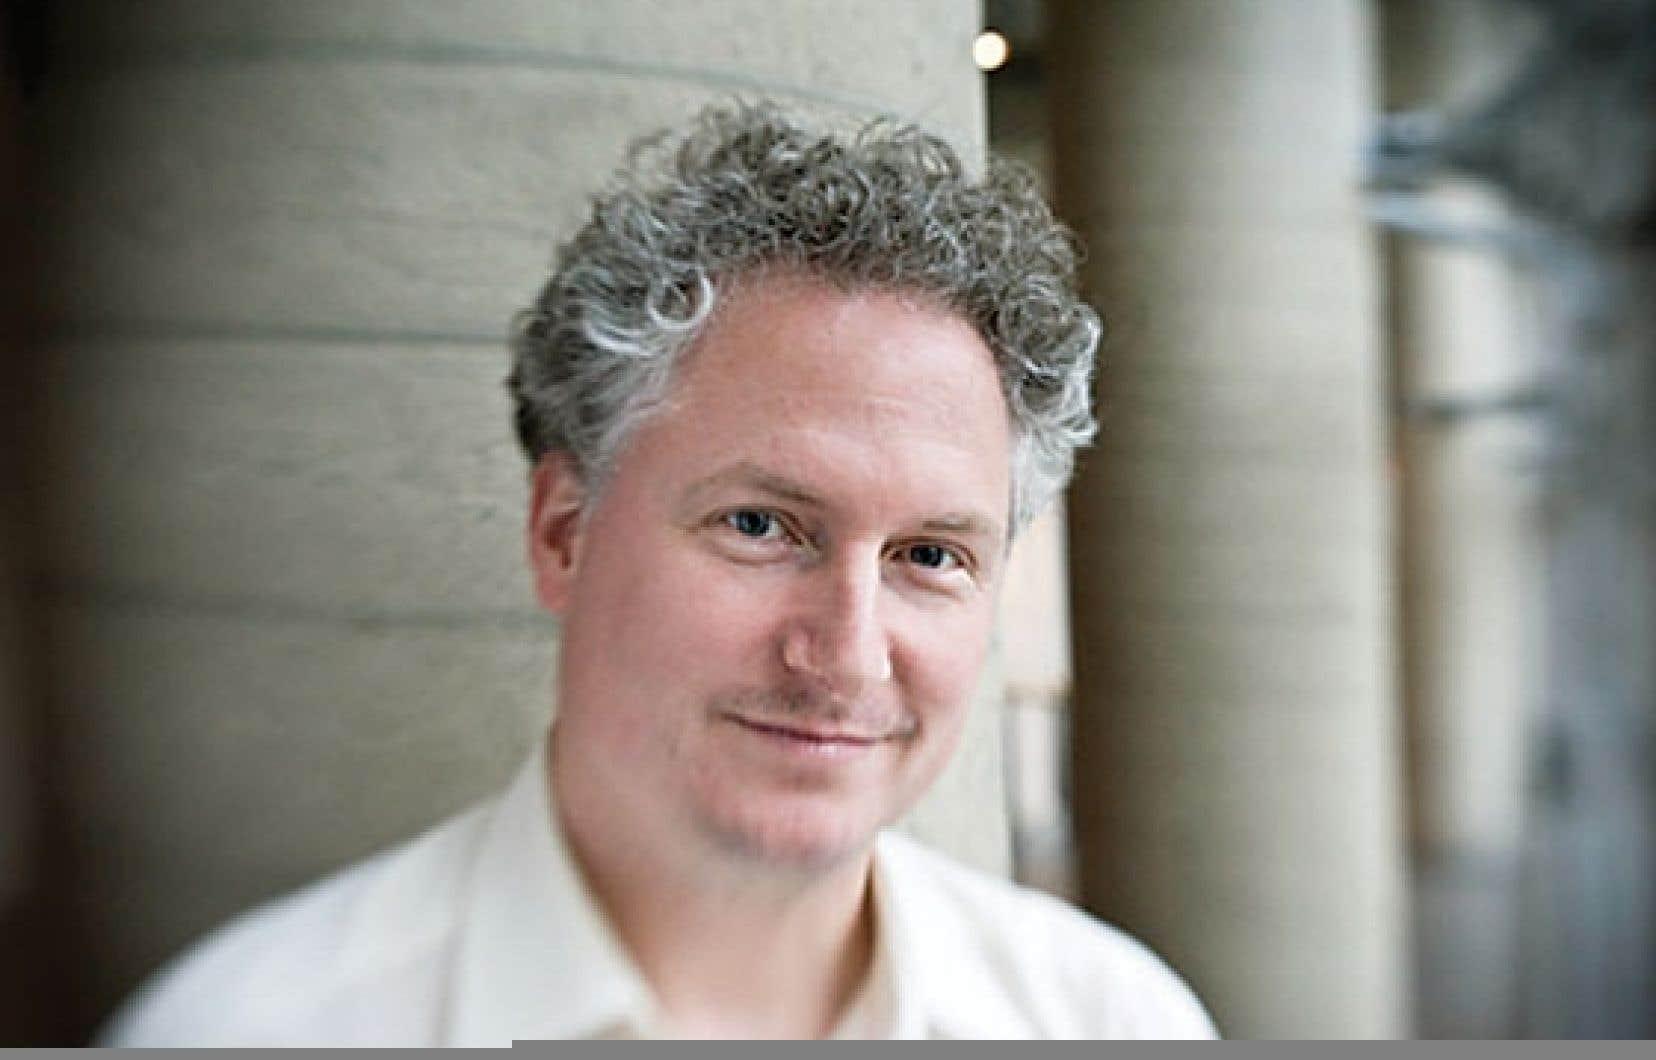 Pour Jean-Hugues Roy, ancien journaliste à Radio-Canada et professeur à l'UQAM, le gouvernement du Québec devrait travailler à mettre ses données numériques au service du citoyen et de la démocratie, plutôt qu'à celui de la culture du secret.